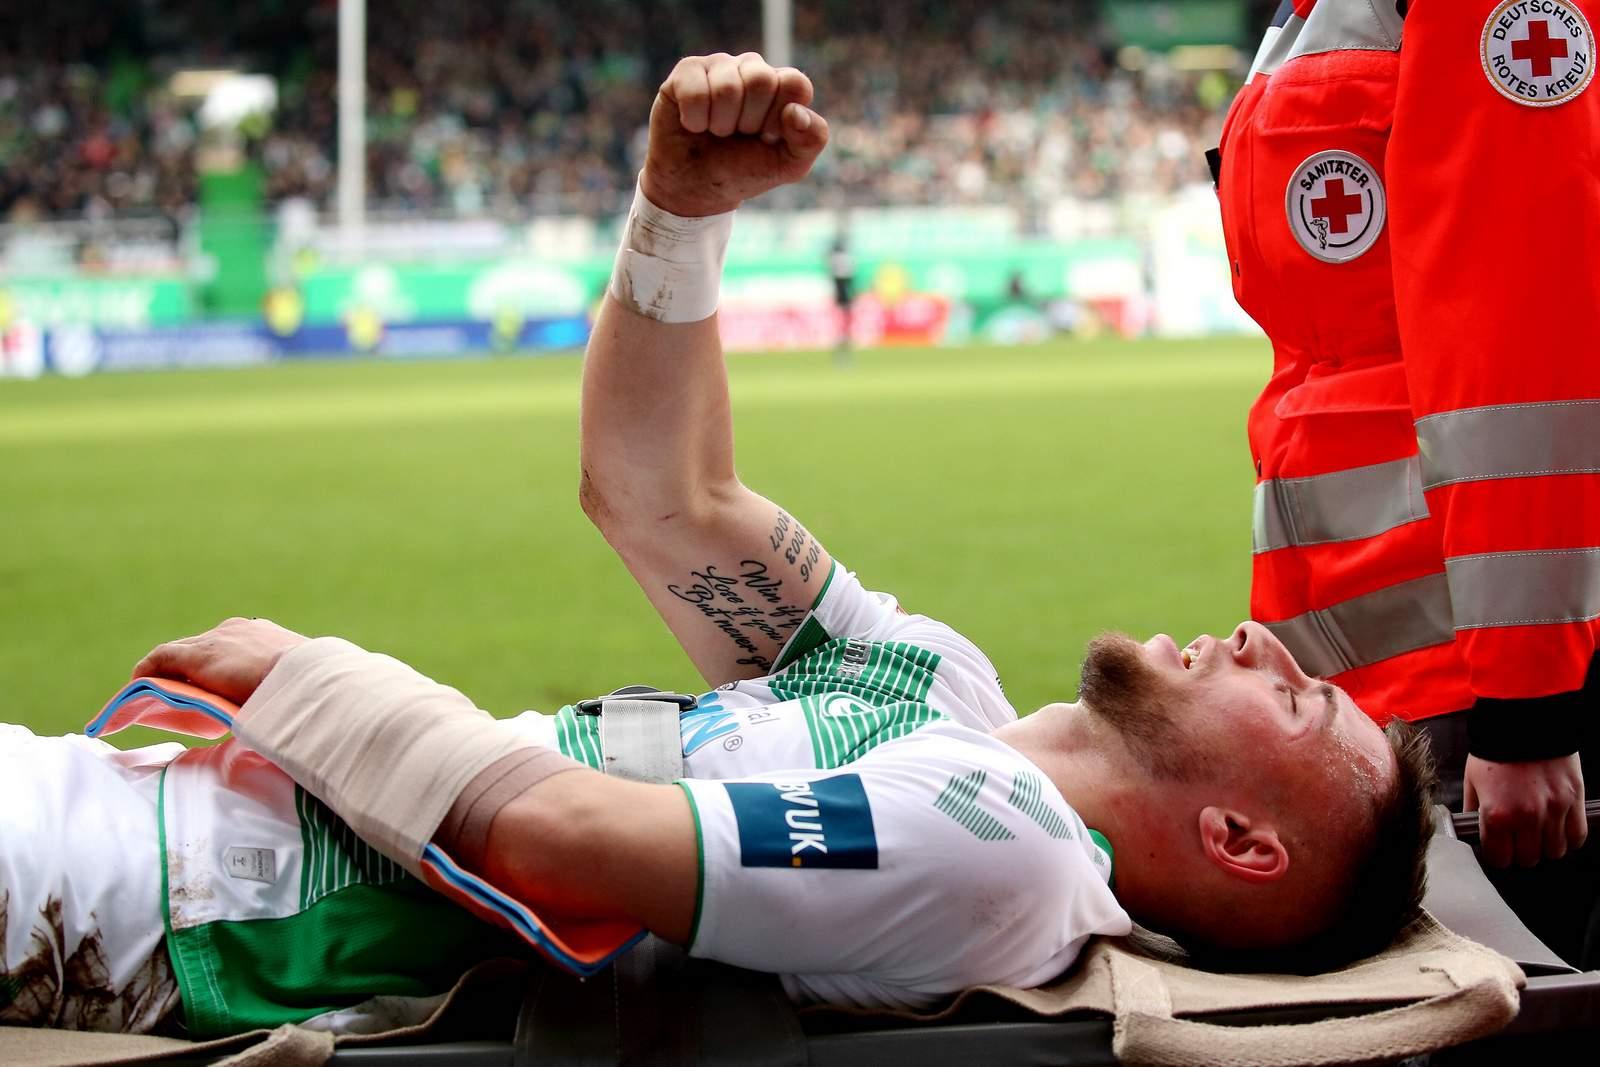 Maximilian Wittek wird nach Verletzung am Arm vom Platz getragen